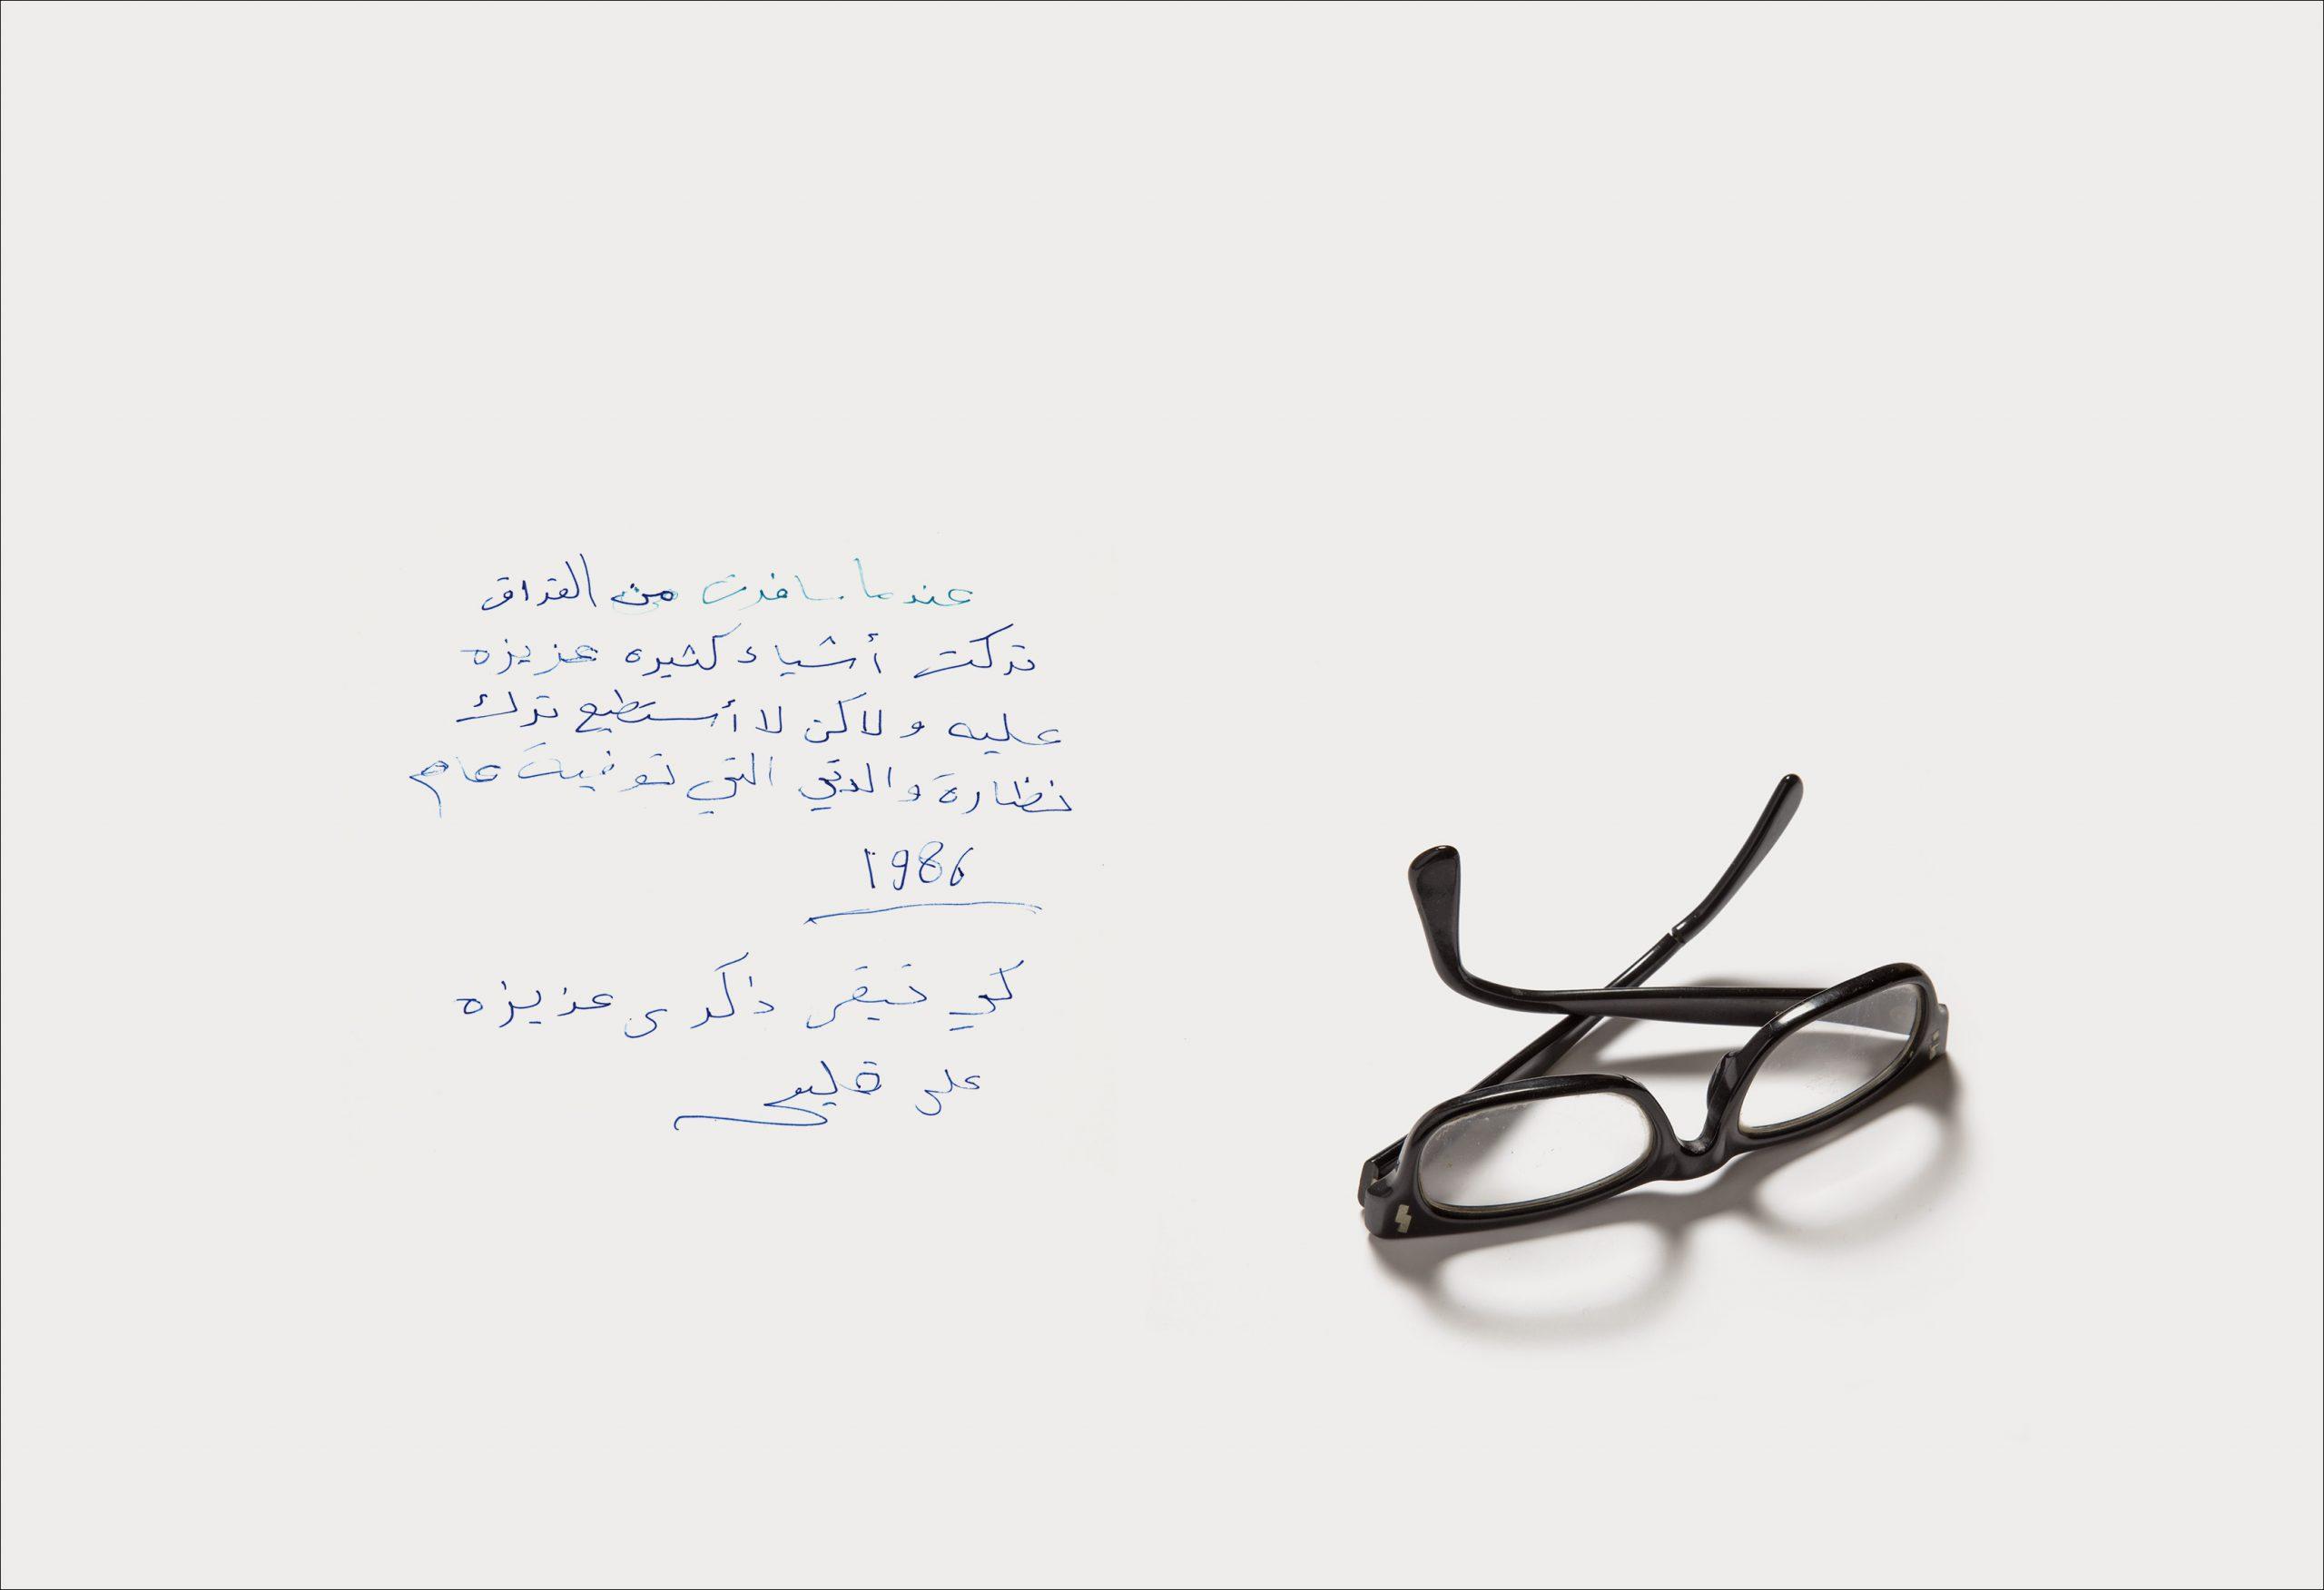 Dhuwiya Al-Obaidi's mother's eyeglasses